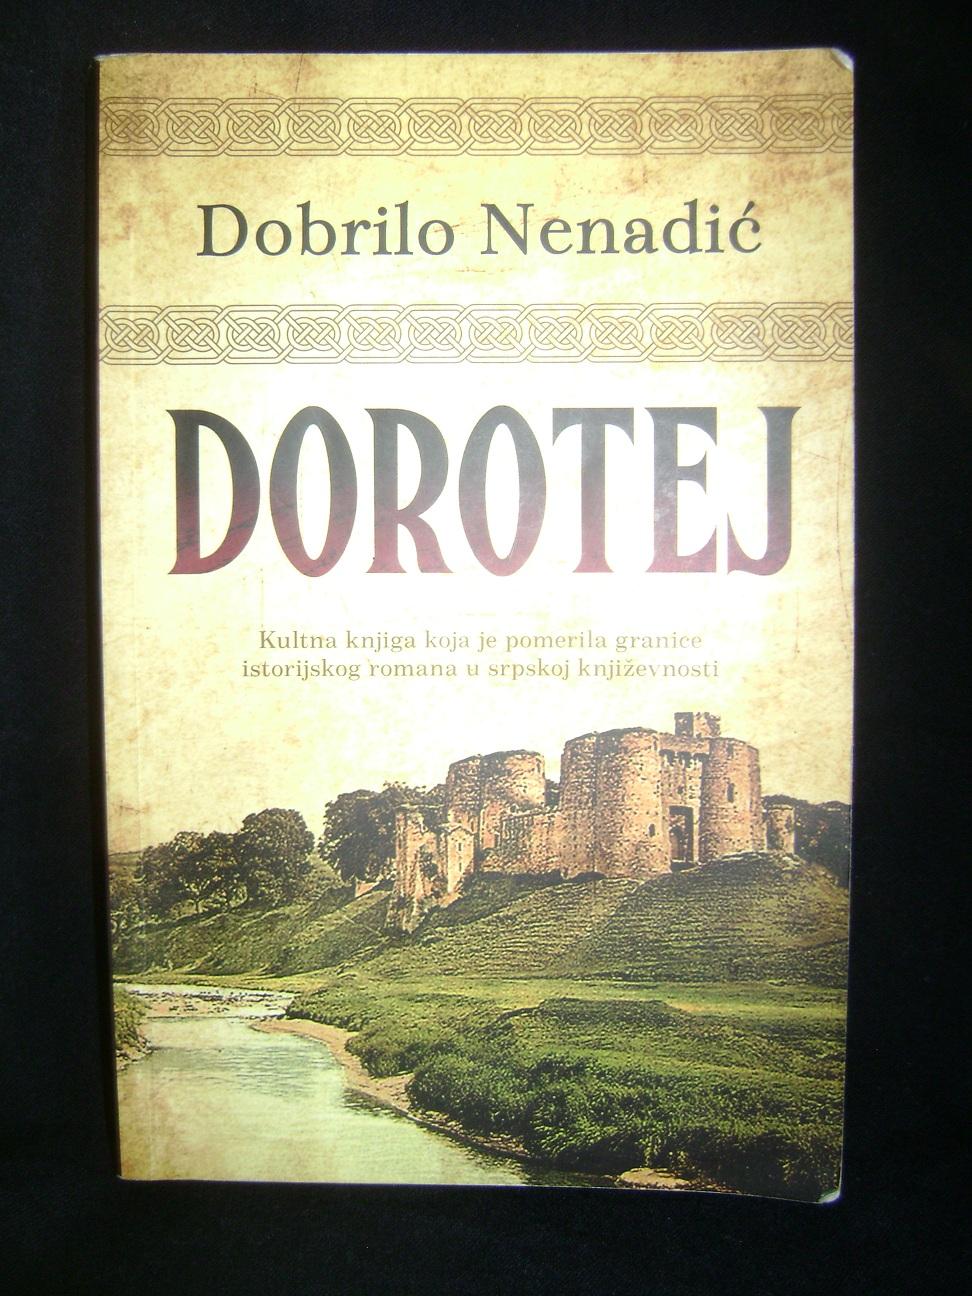 DOROTEJ_Dobrilo_Nenadic.JPG